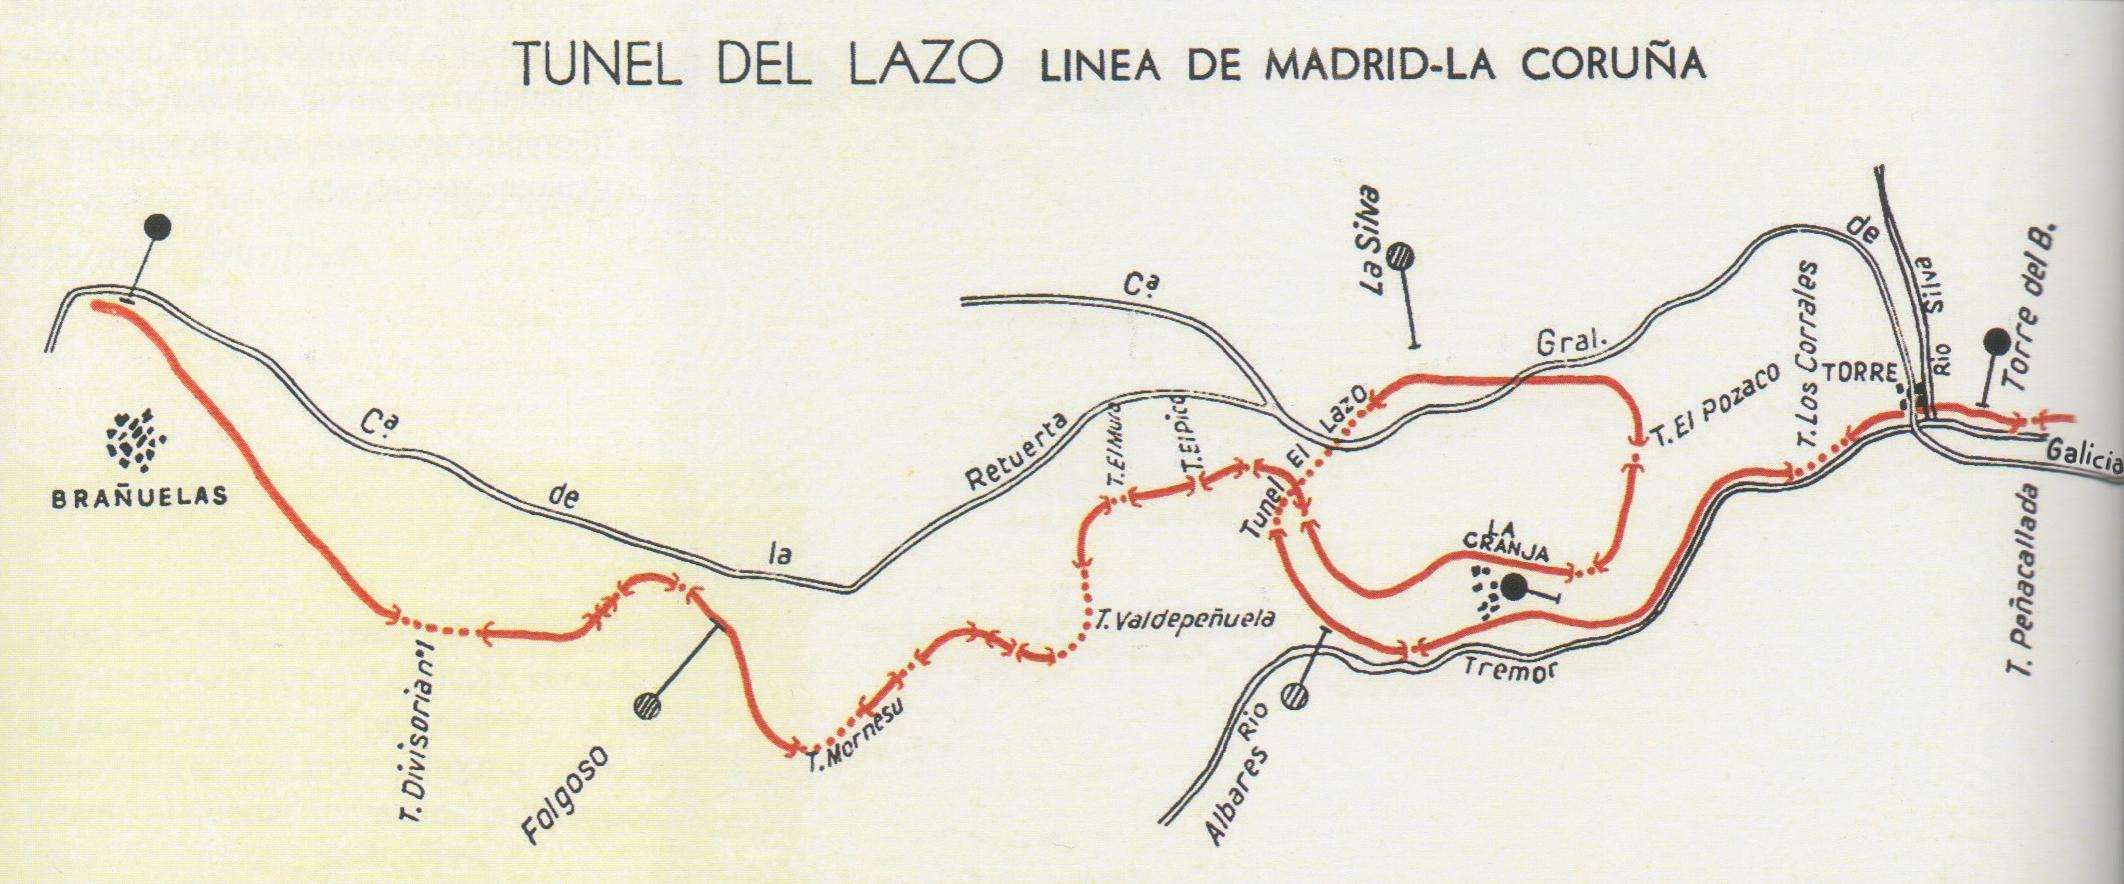 Lazo de Brañuelas, Linea del Noroeste a Galicia